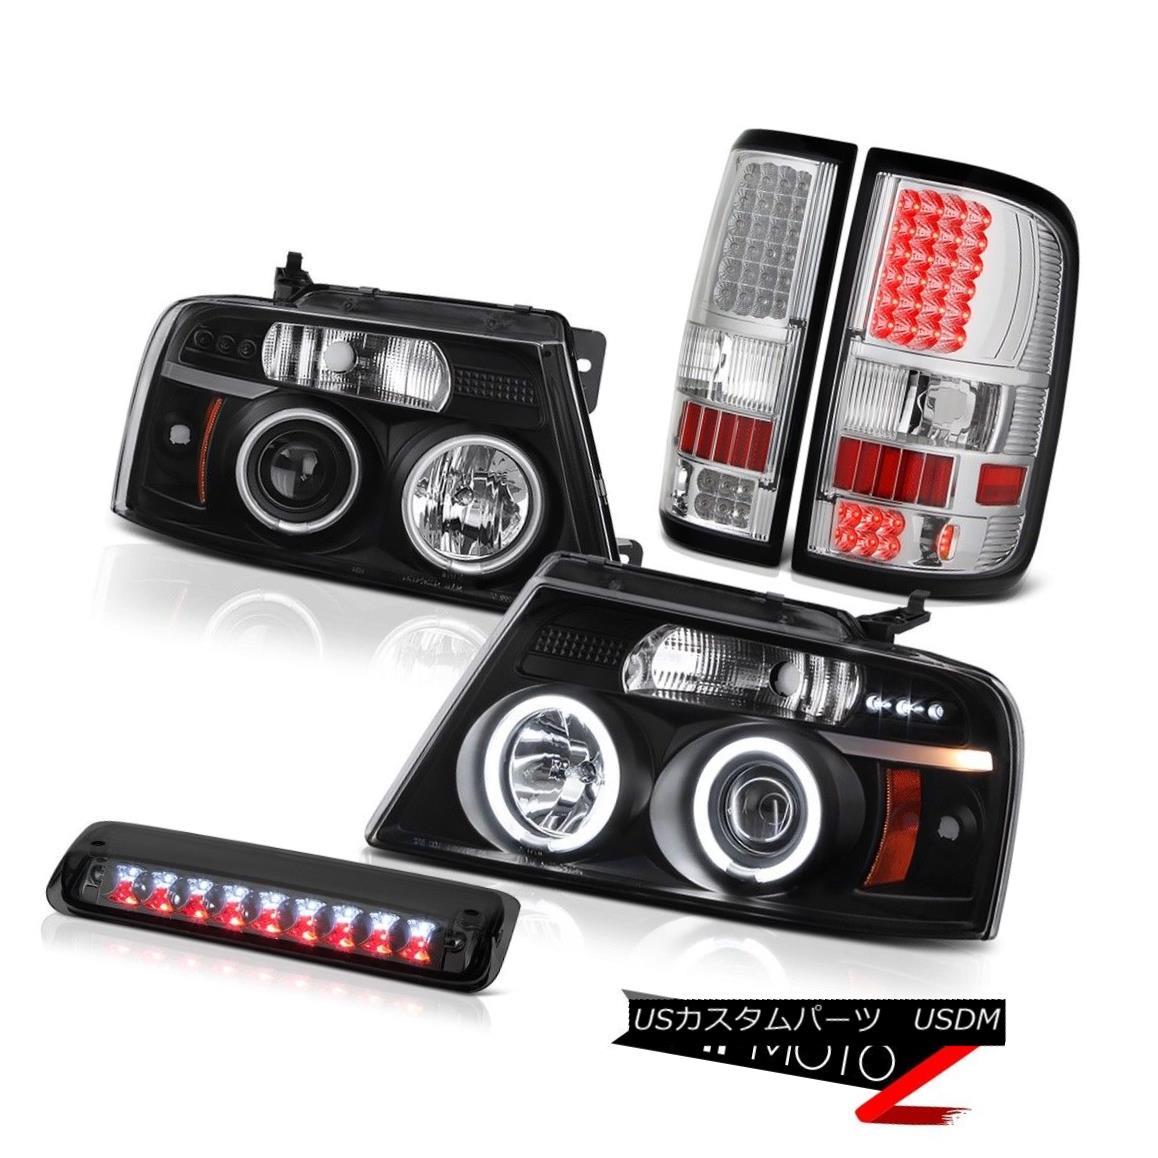 テールライト 04-08 Ford F150 XL Smokey High Stop Lamp Taillamps Inky Black Headlamps LED SMD 04-08 Ford F150 XLスモーキーハイストップランプタイルランプインキブラックヘッドランプLED SMD